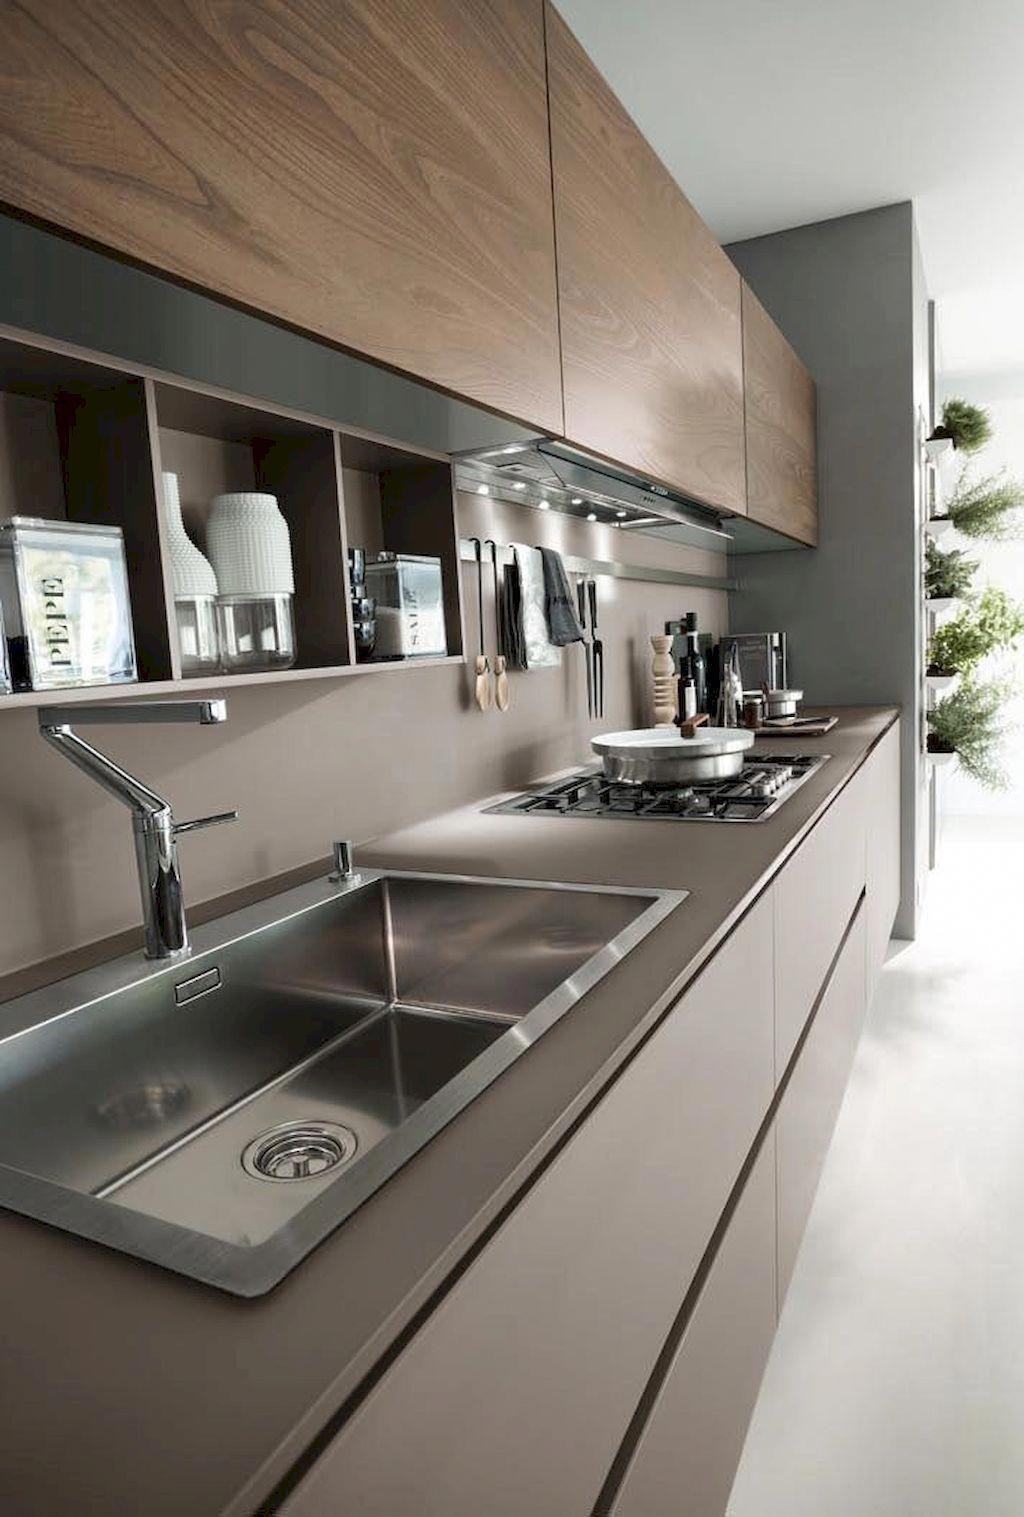 Küchenideen und designs kitchendesigns  küchen ideen  pinterest  moderne küche küchen